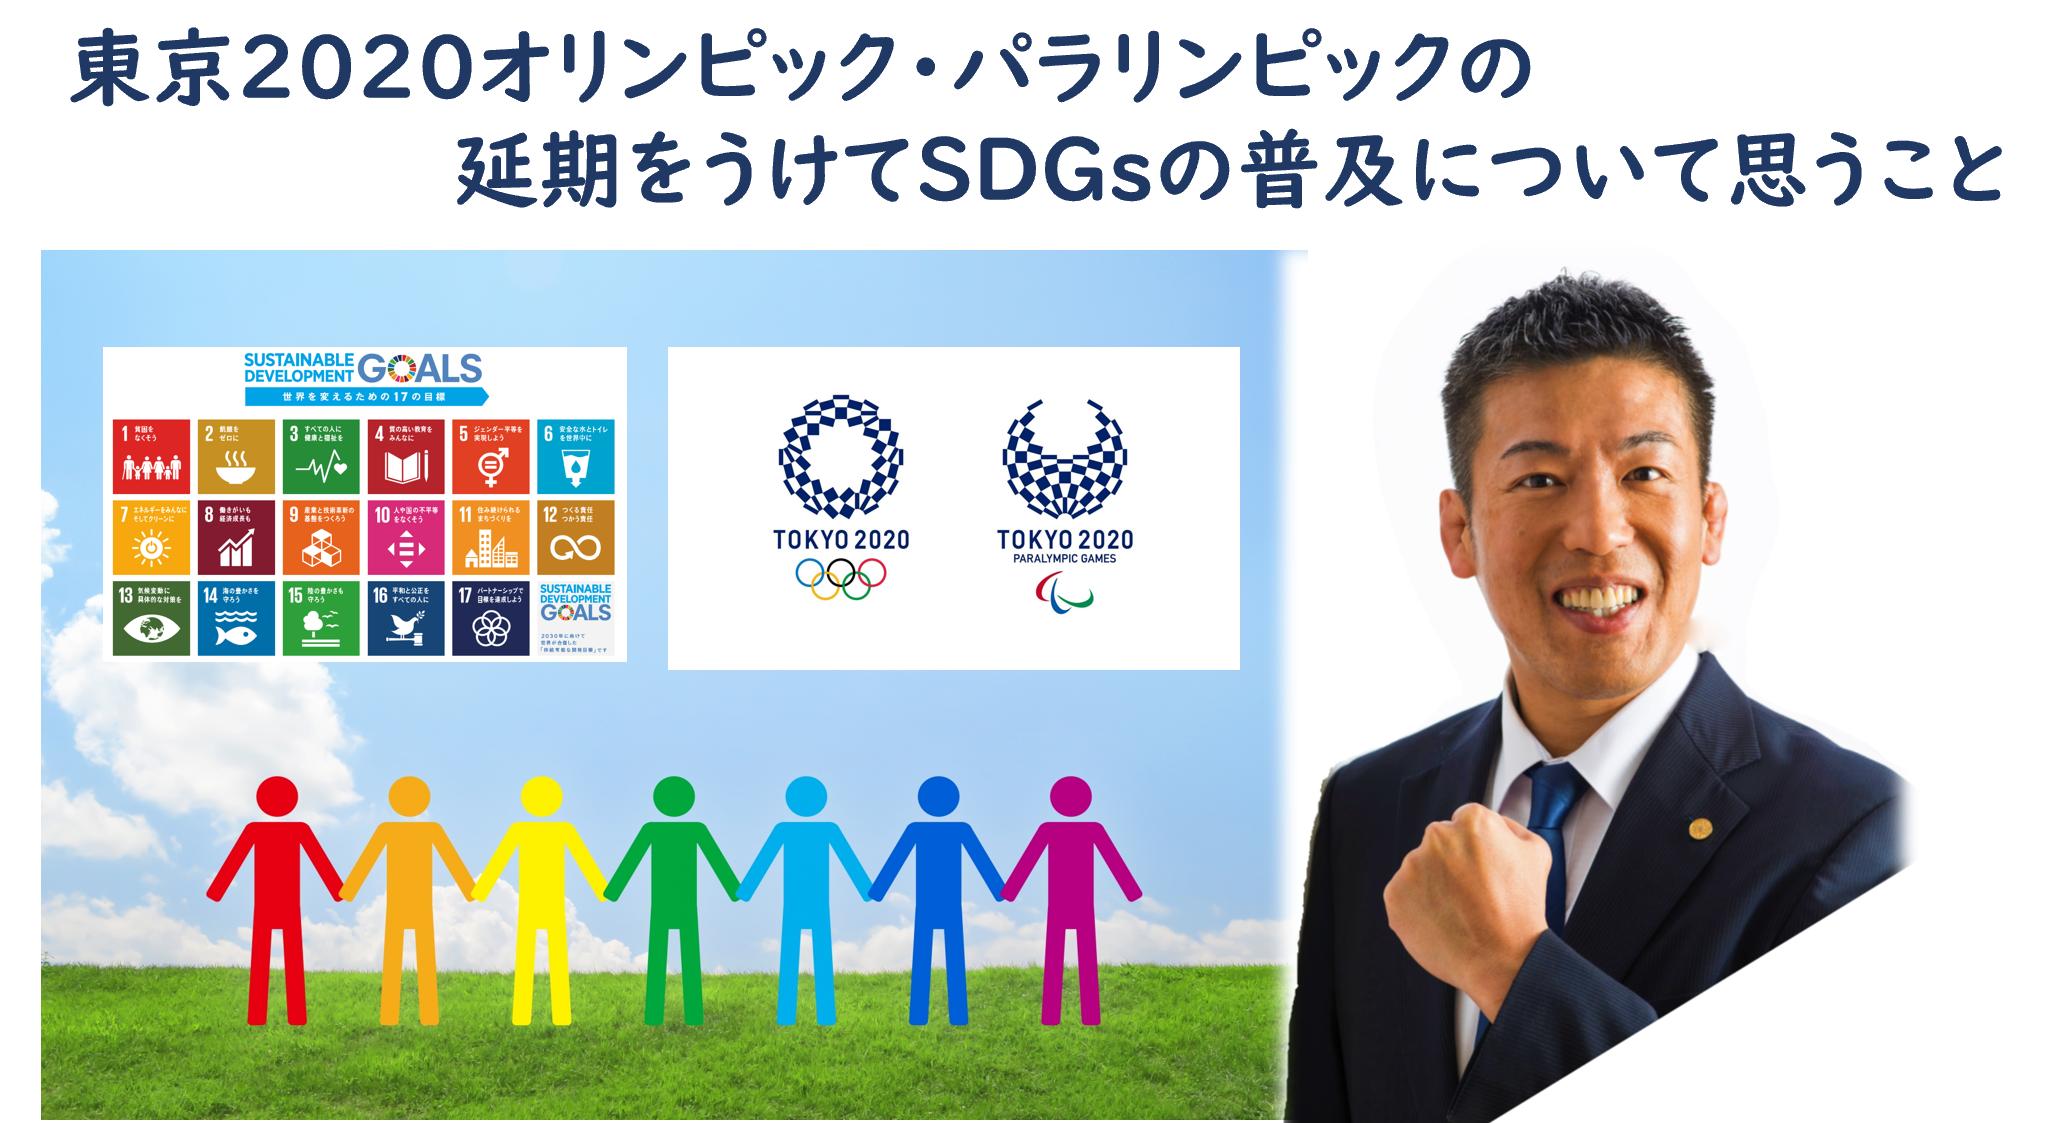 東京オリンピック・パラリンピックの延期を受けて思うこと